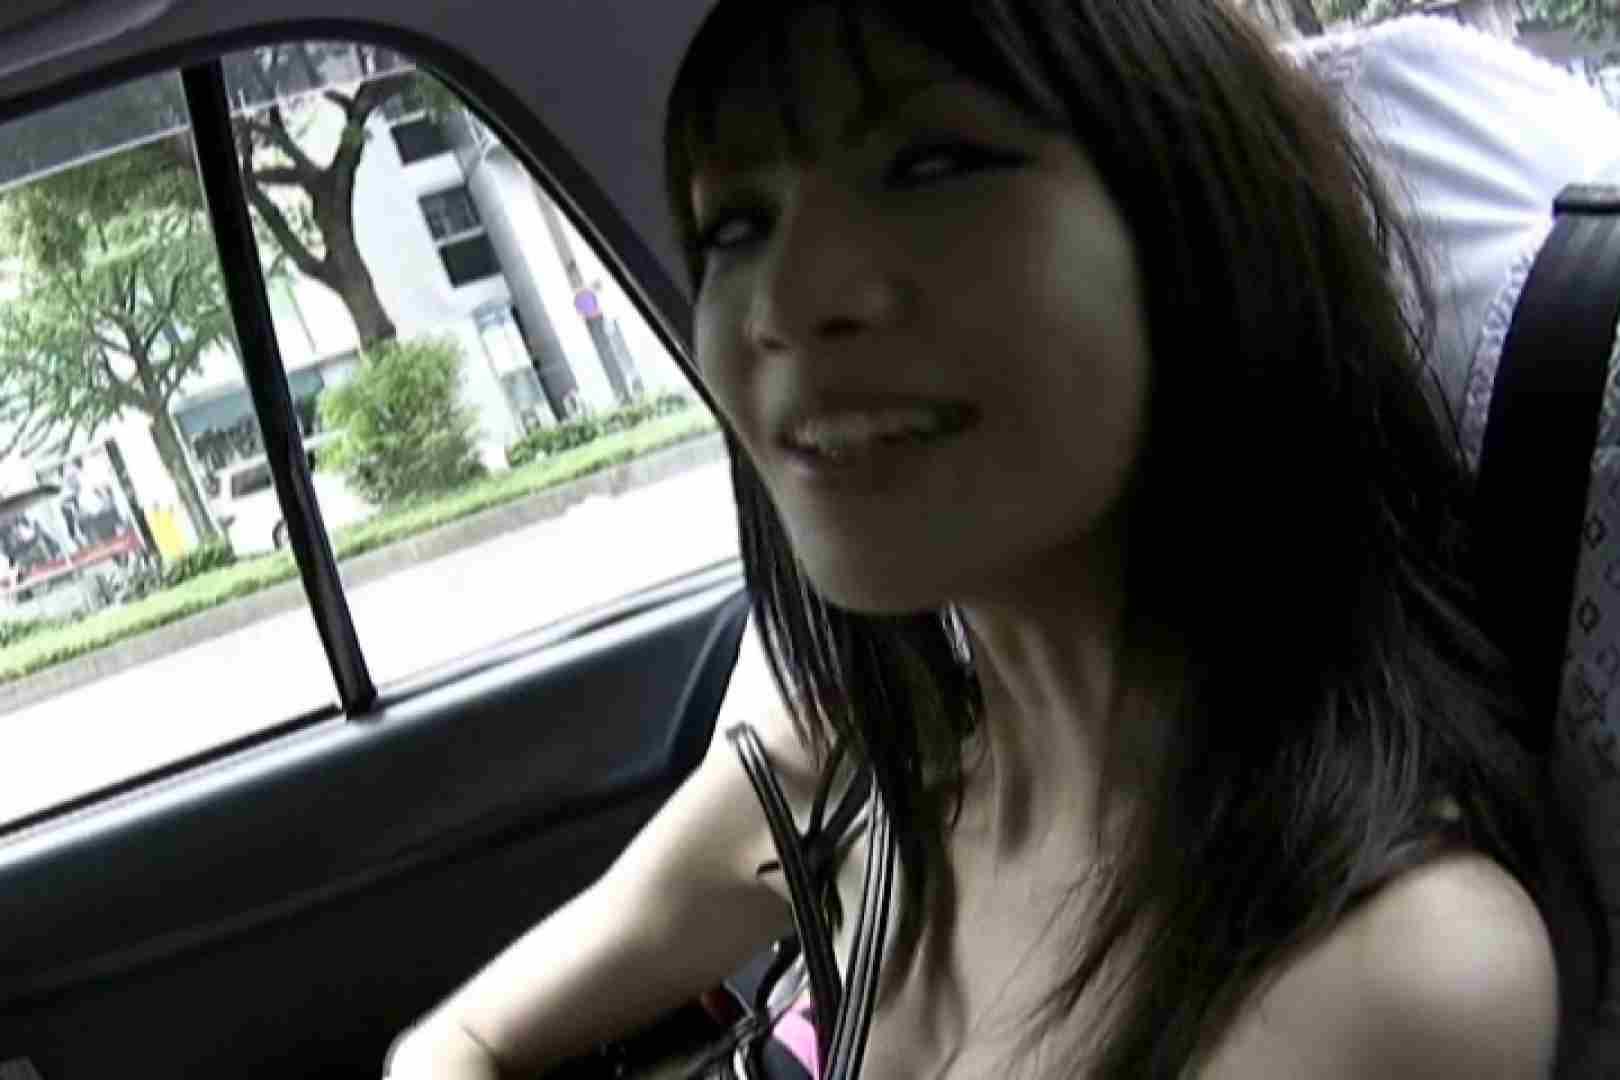 素人ナンパ本番撮り!出会い系でGET!Vol.15 ホテル隠し撮り われめAV動画紹介 90pic 44